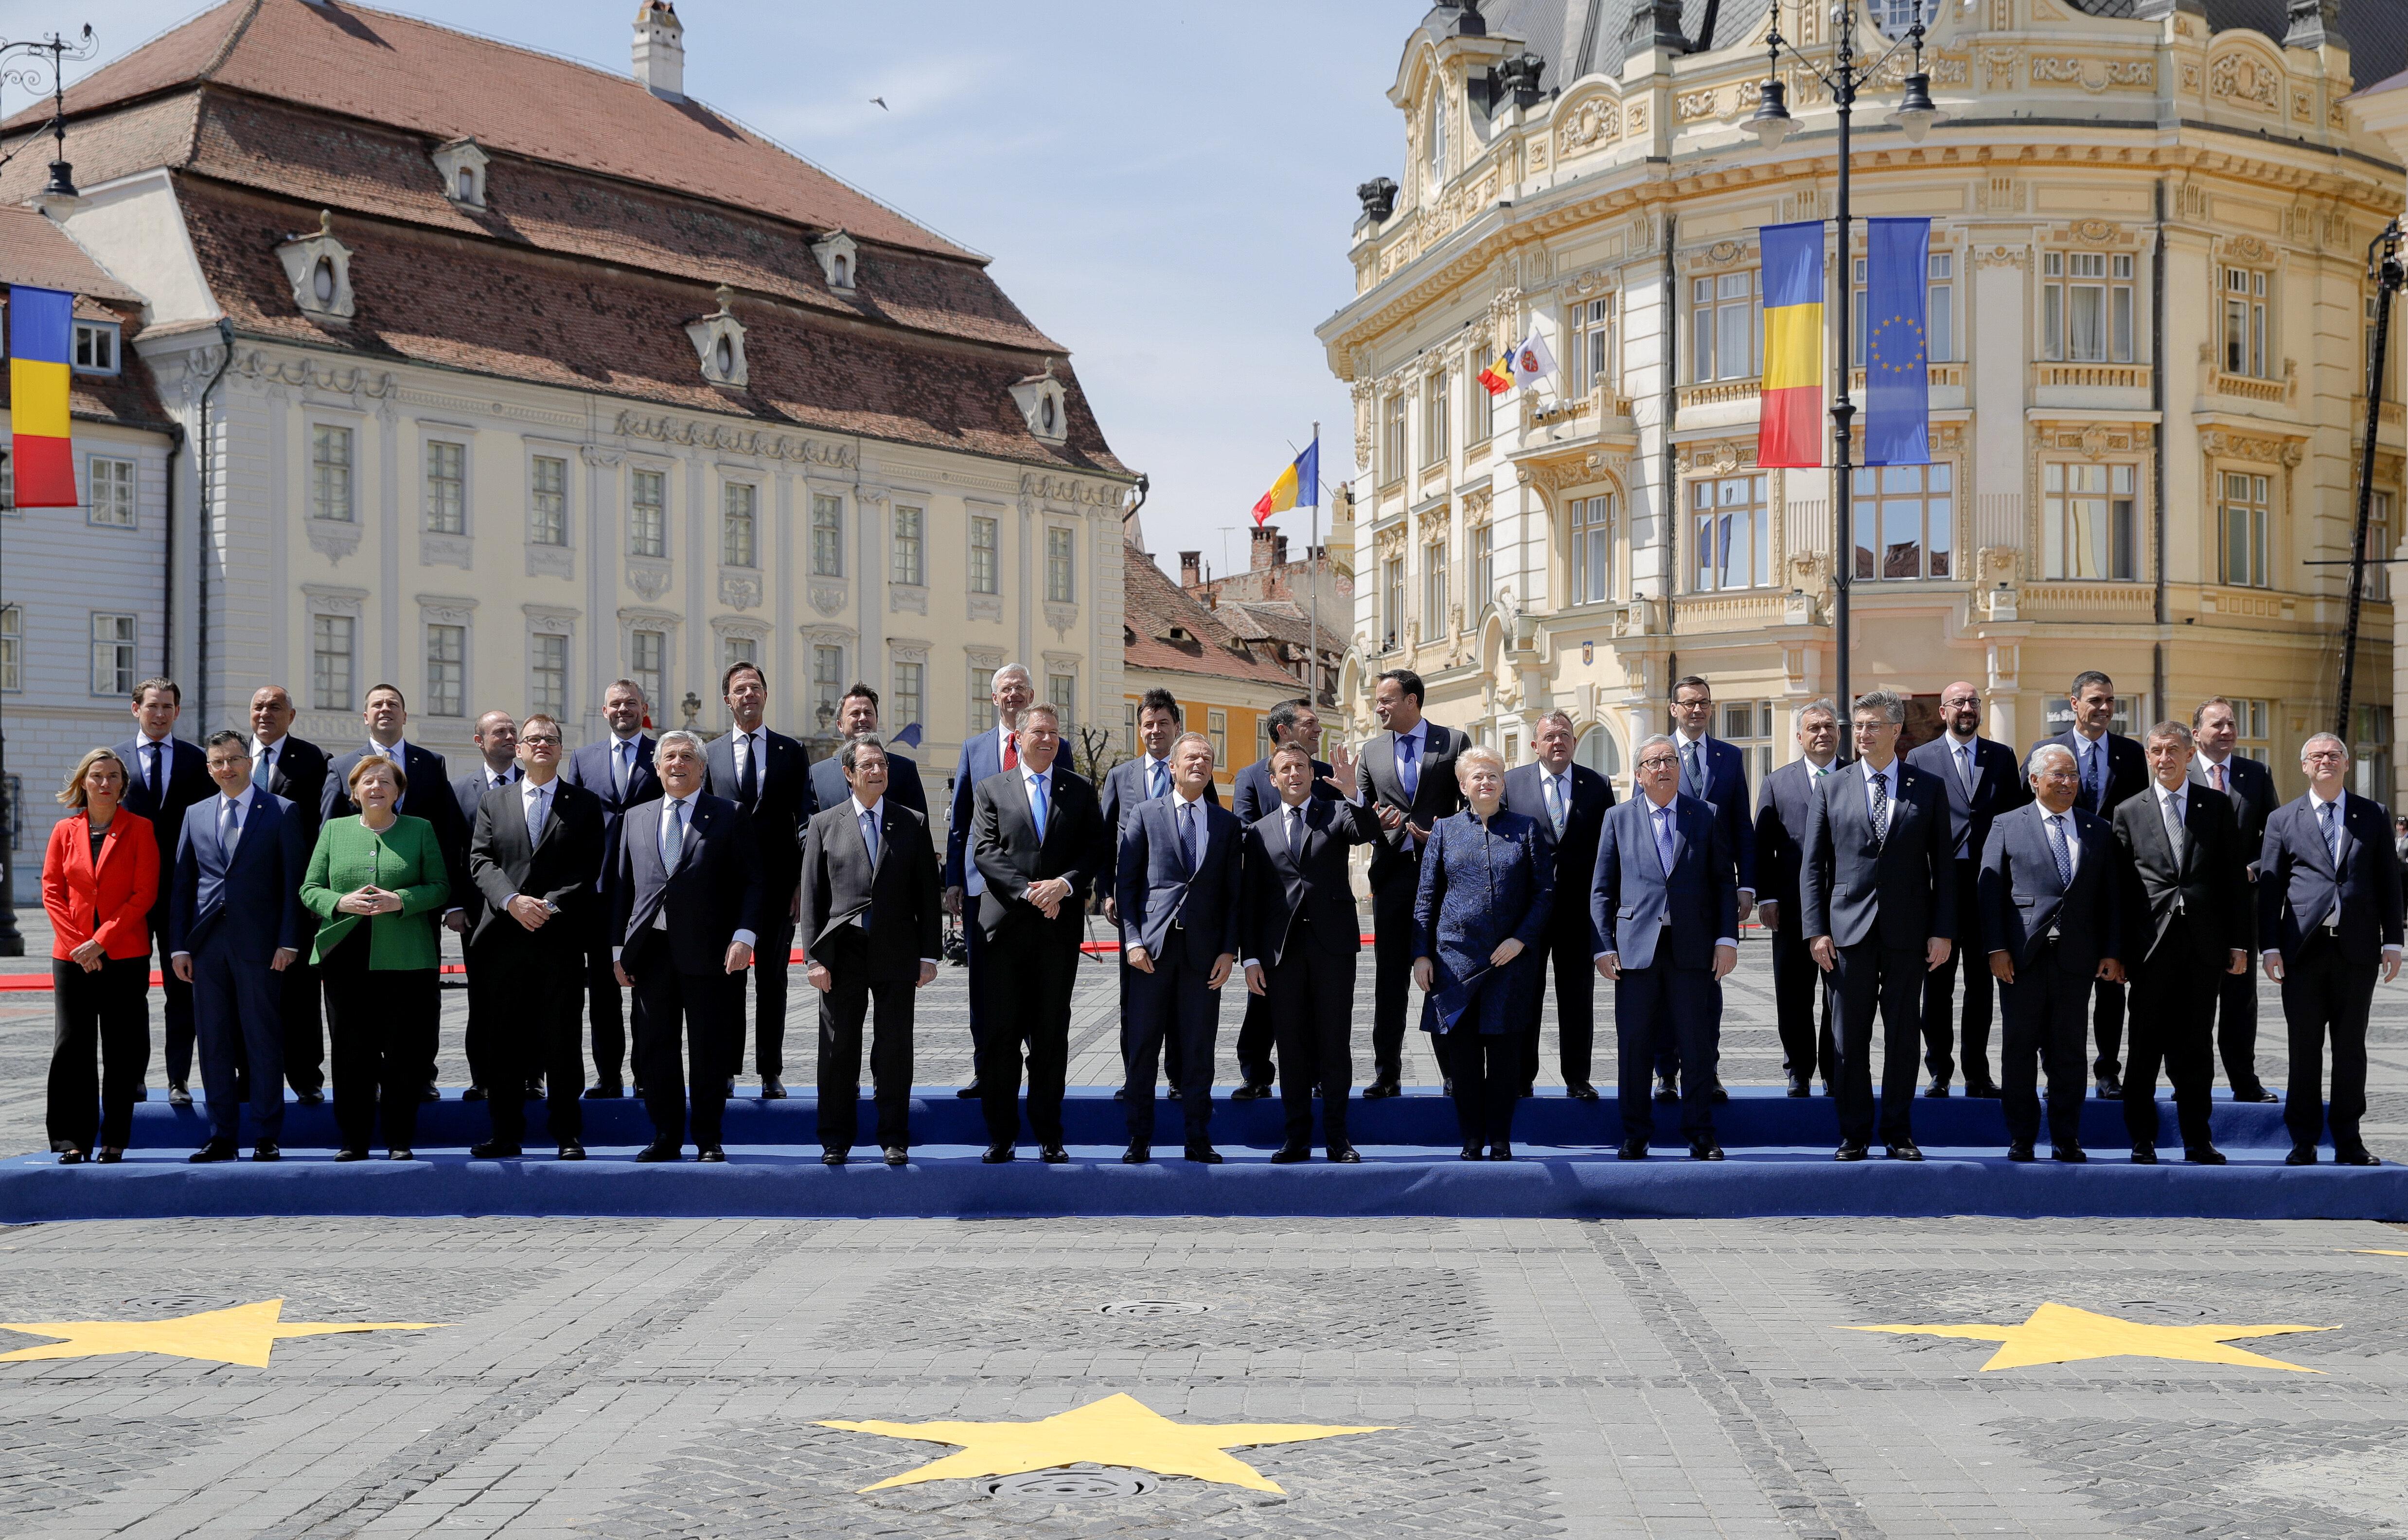 Ευρωπαϊκή ομοφωνία υπέρ της Κύπρου και κατά της τουρκικής